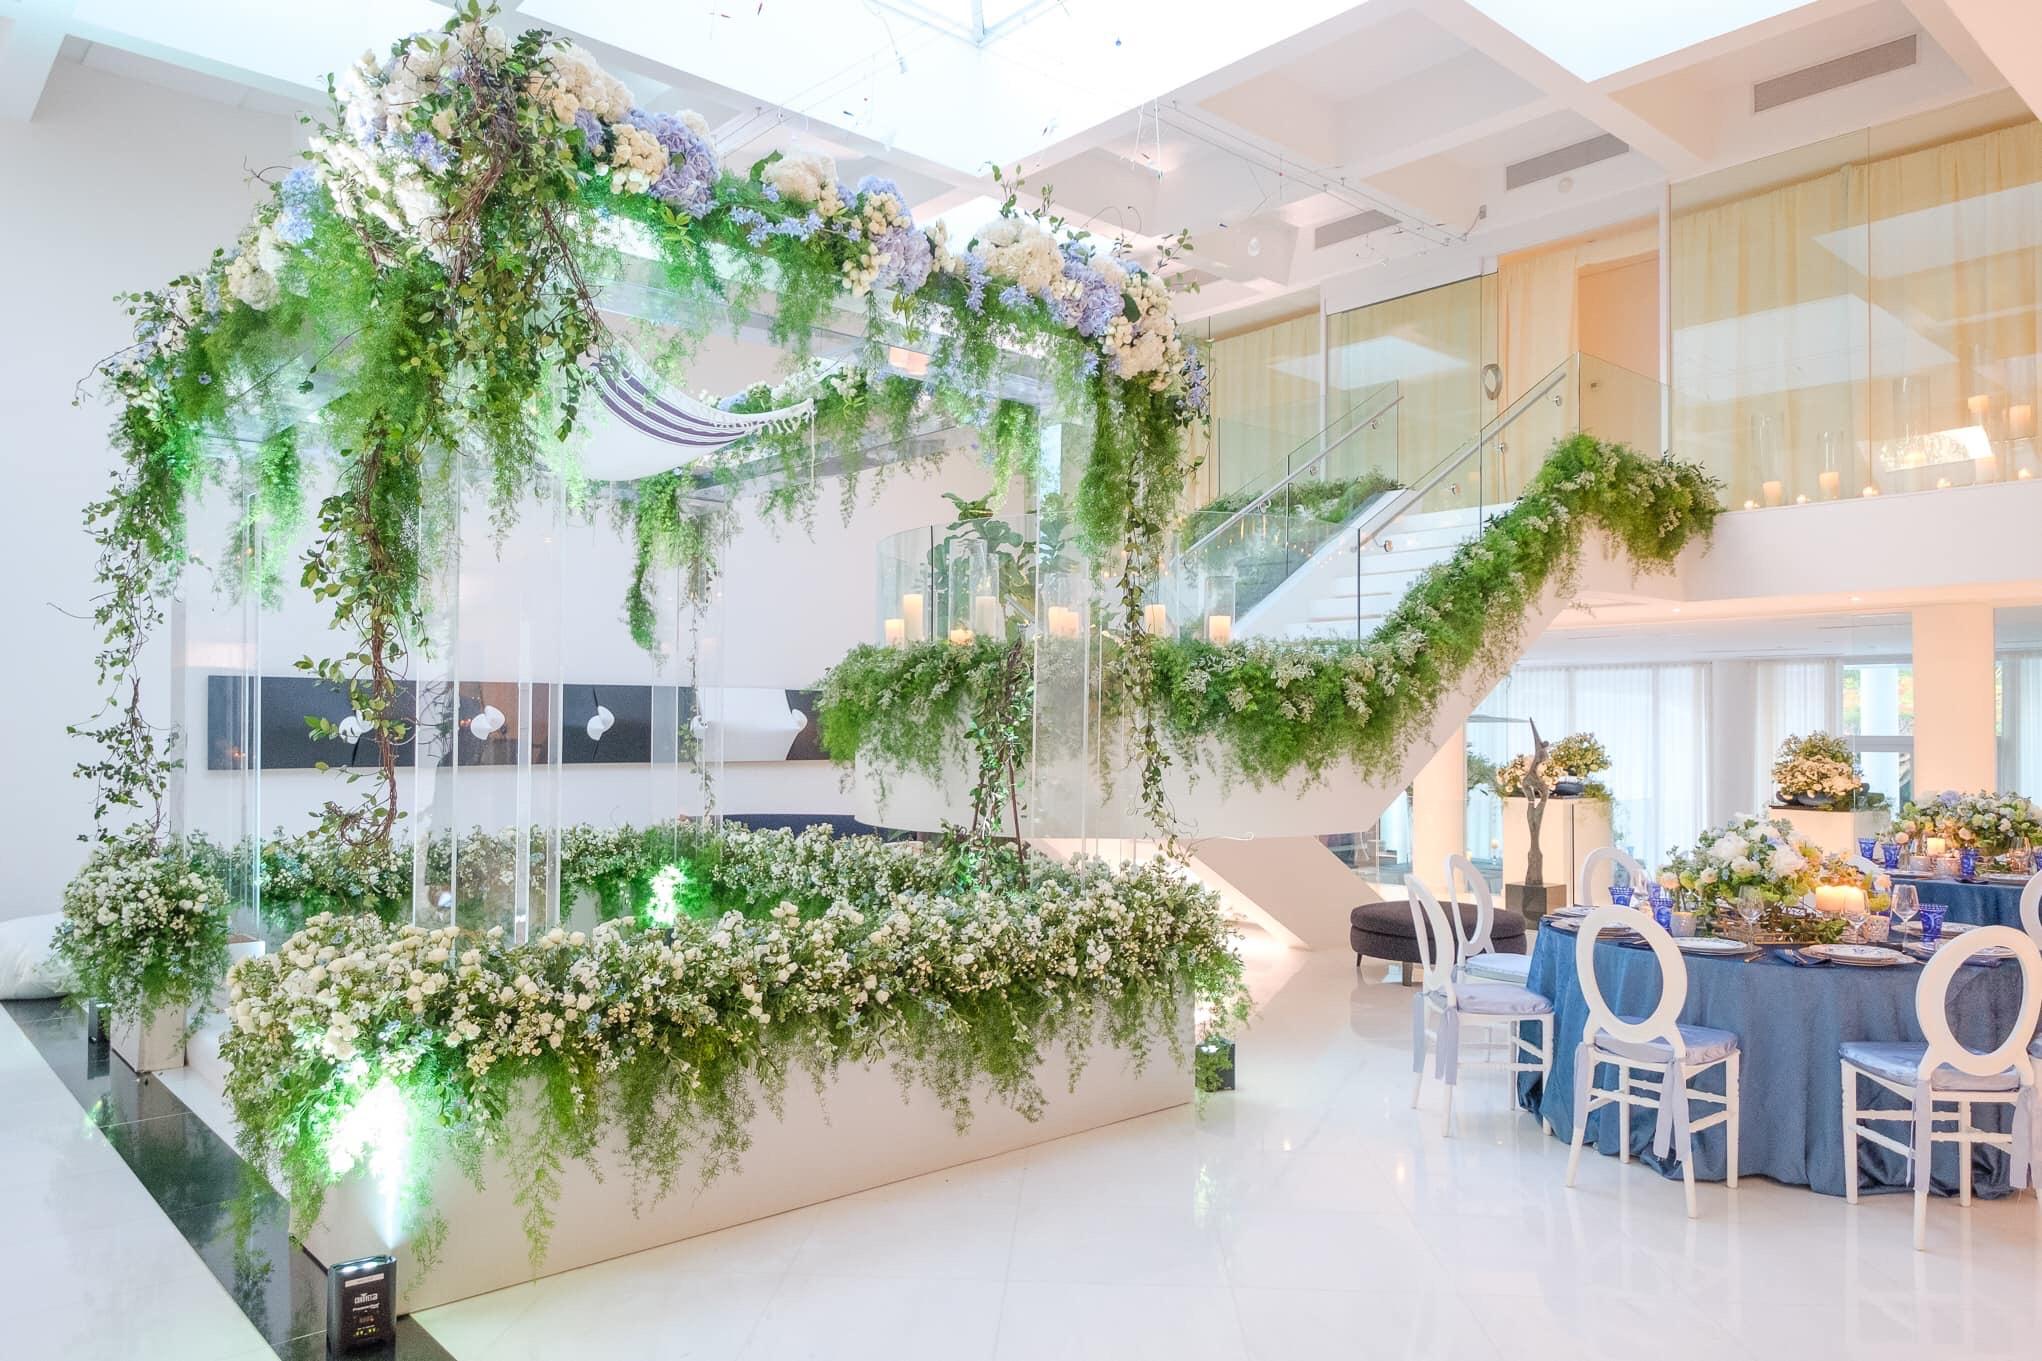 En caso de que la pareja no pueda casarse en el patio o jardín de la casa, sí es conveniente diseñar dos áreas distintas en el interior. (Ishan Robles)